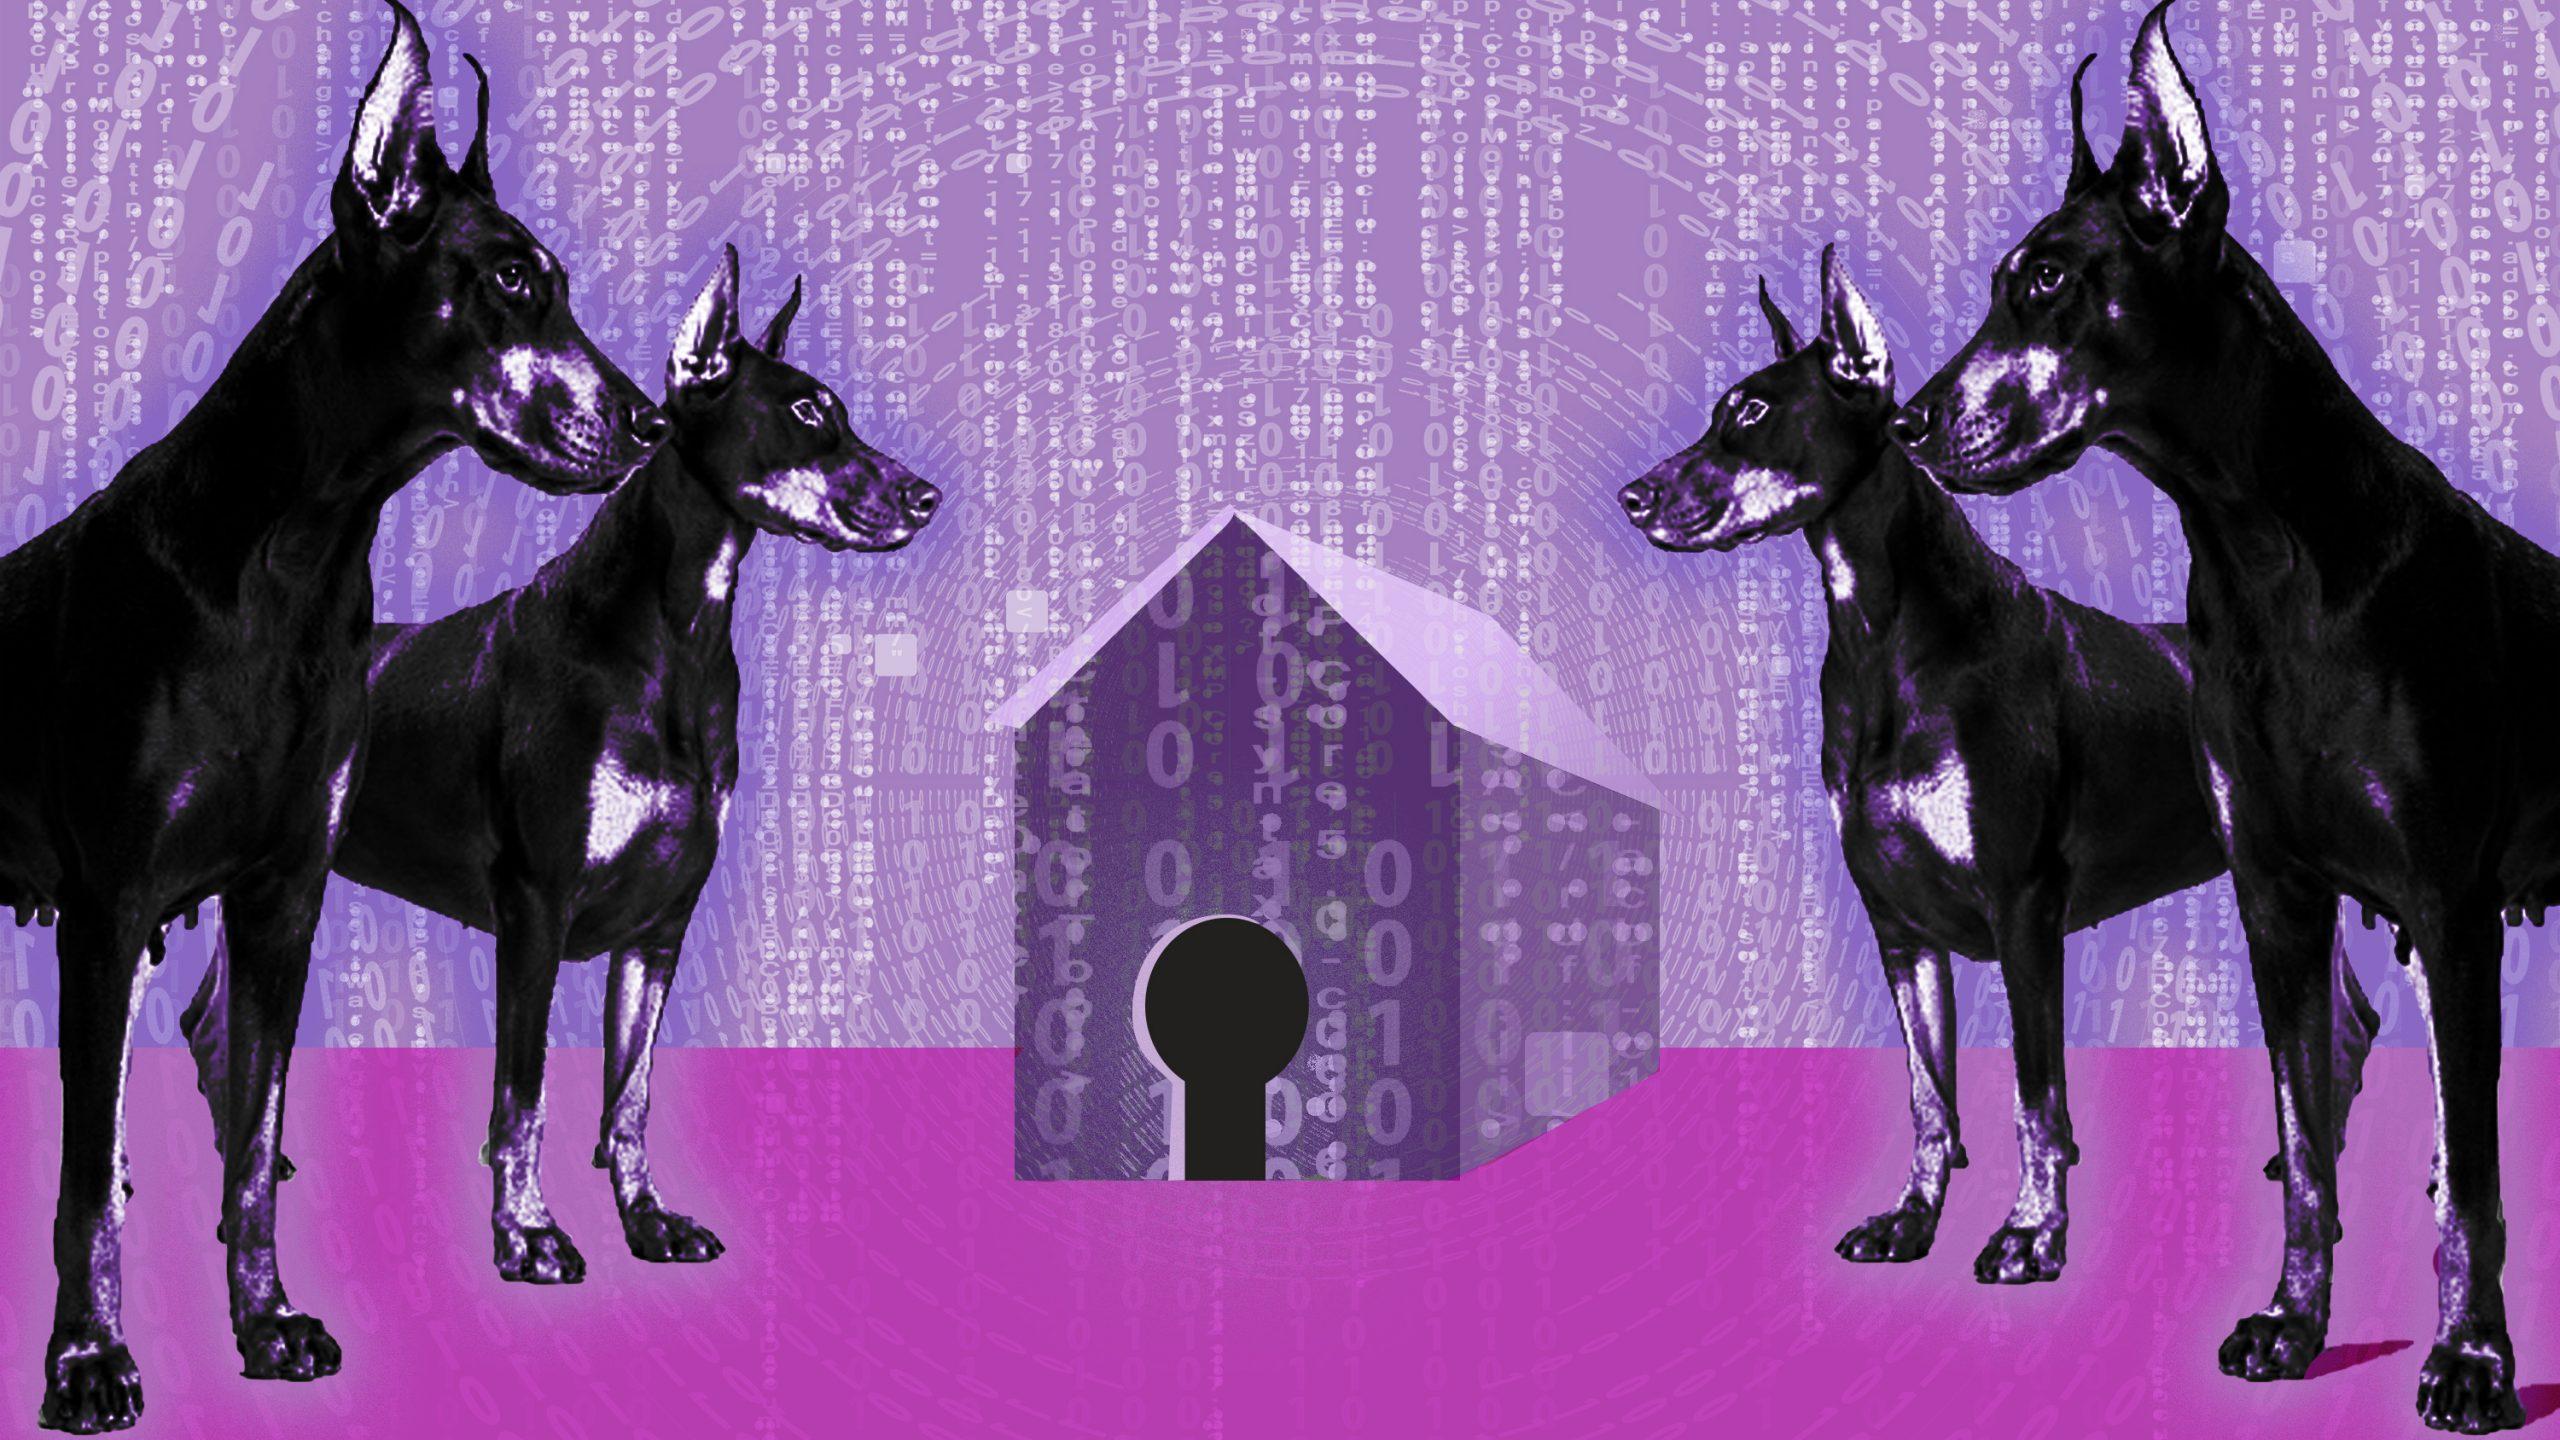 主張:「D7」創設で民主国家主導のデジタル規制議論を